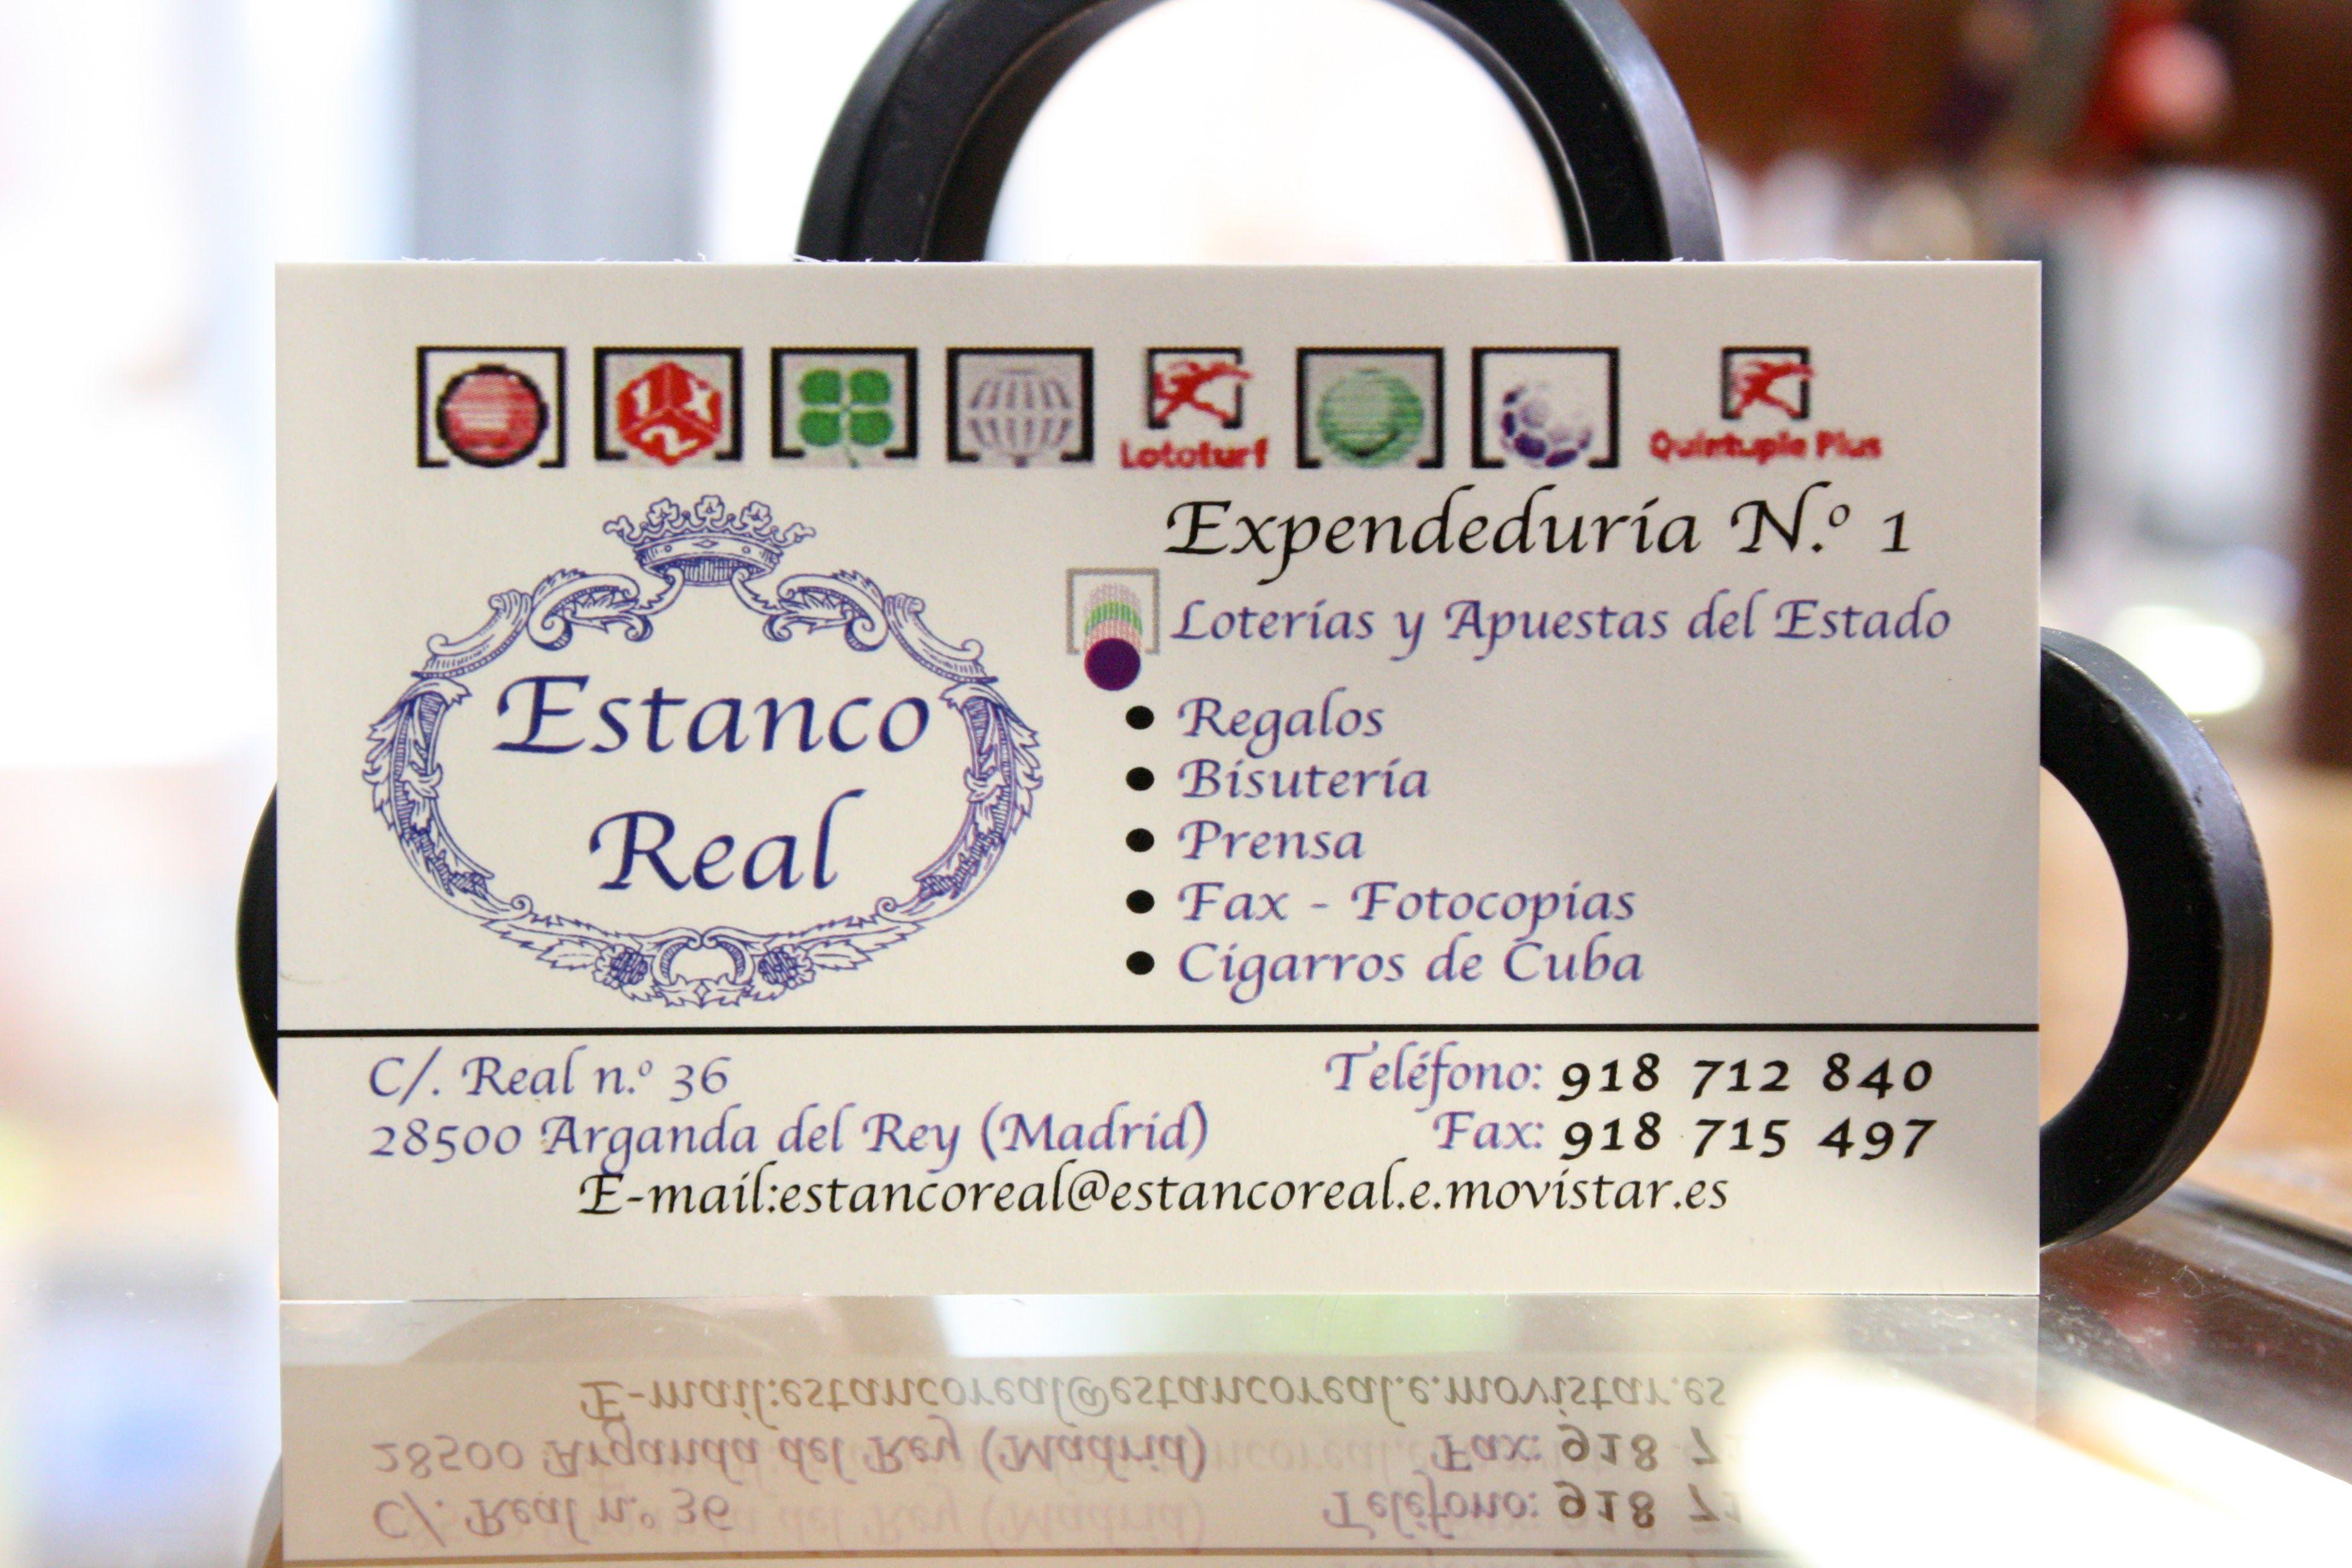 Foto 2 de Estancos en Arganda del Rey | Estanco Real